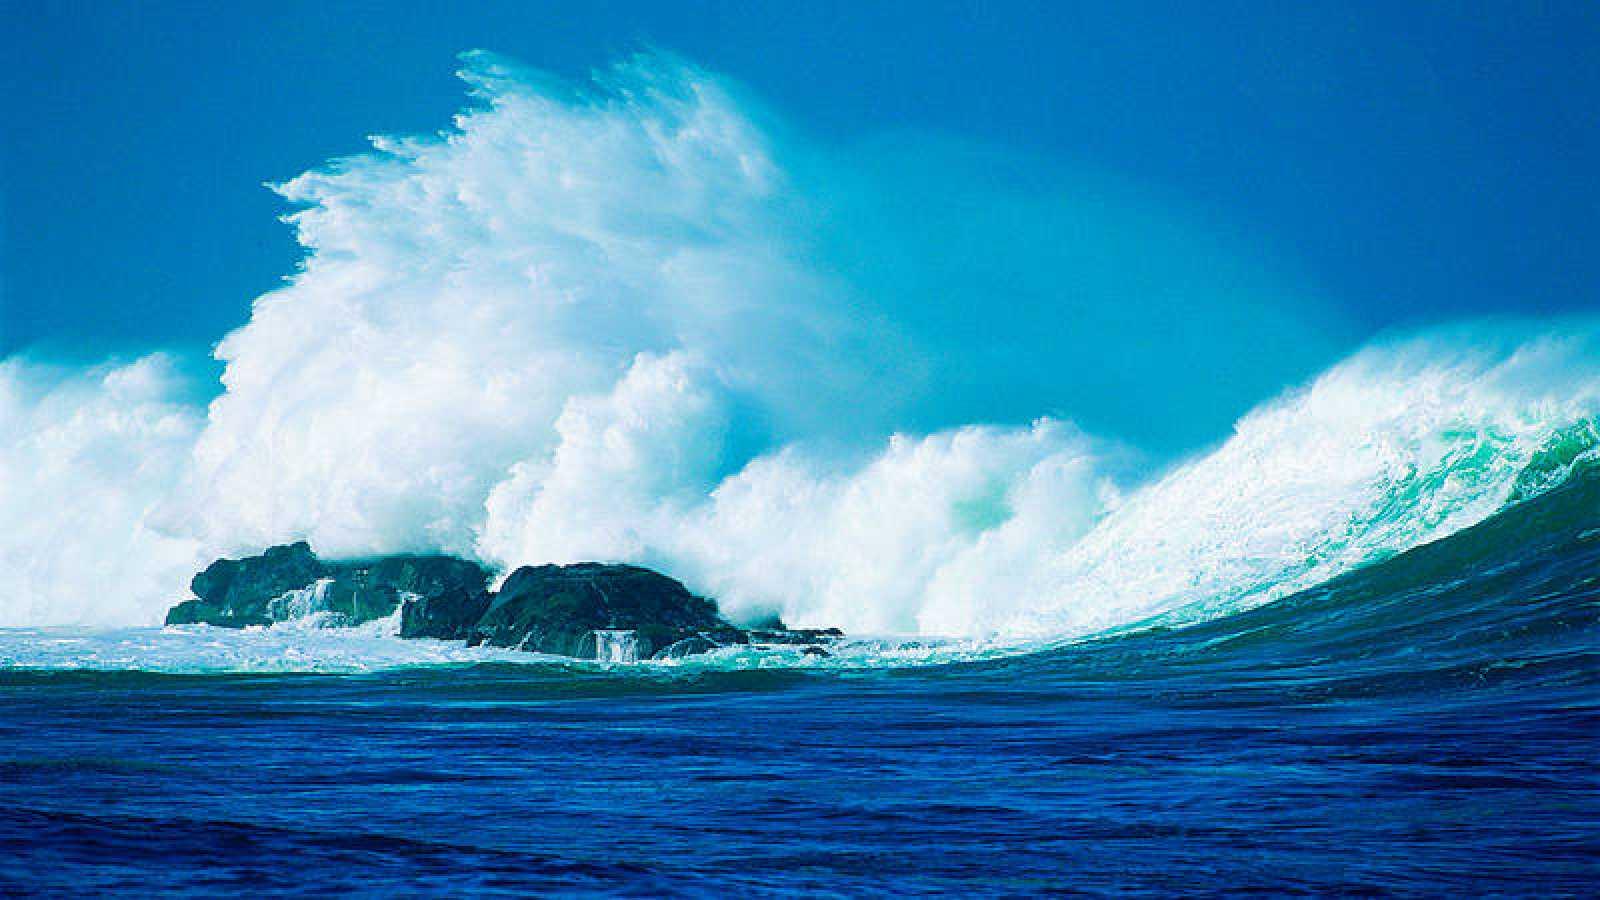 Oleaje en el océano Pacífico